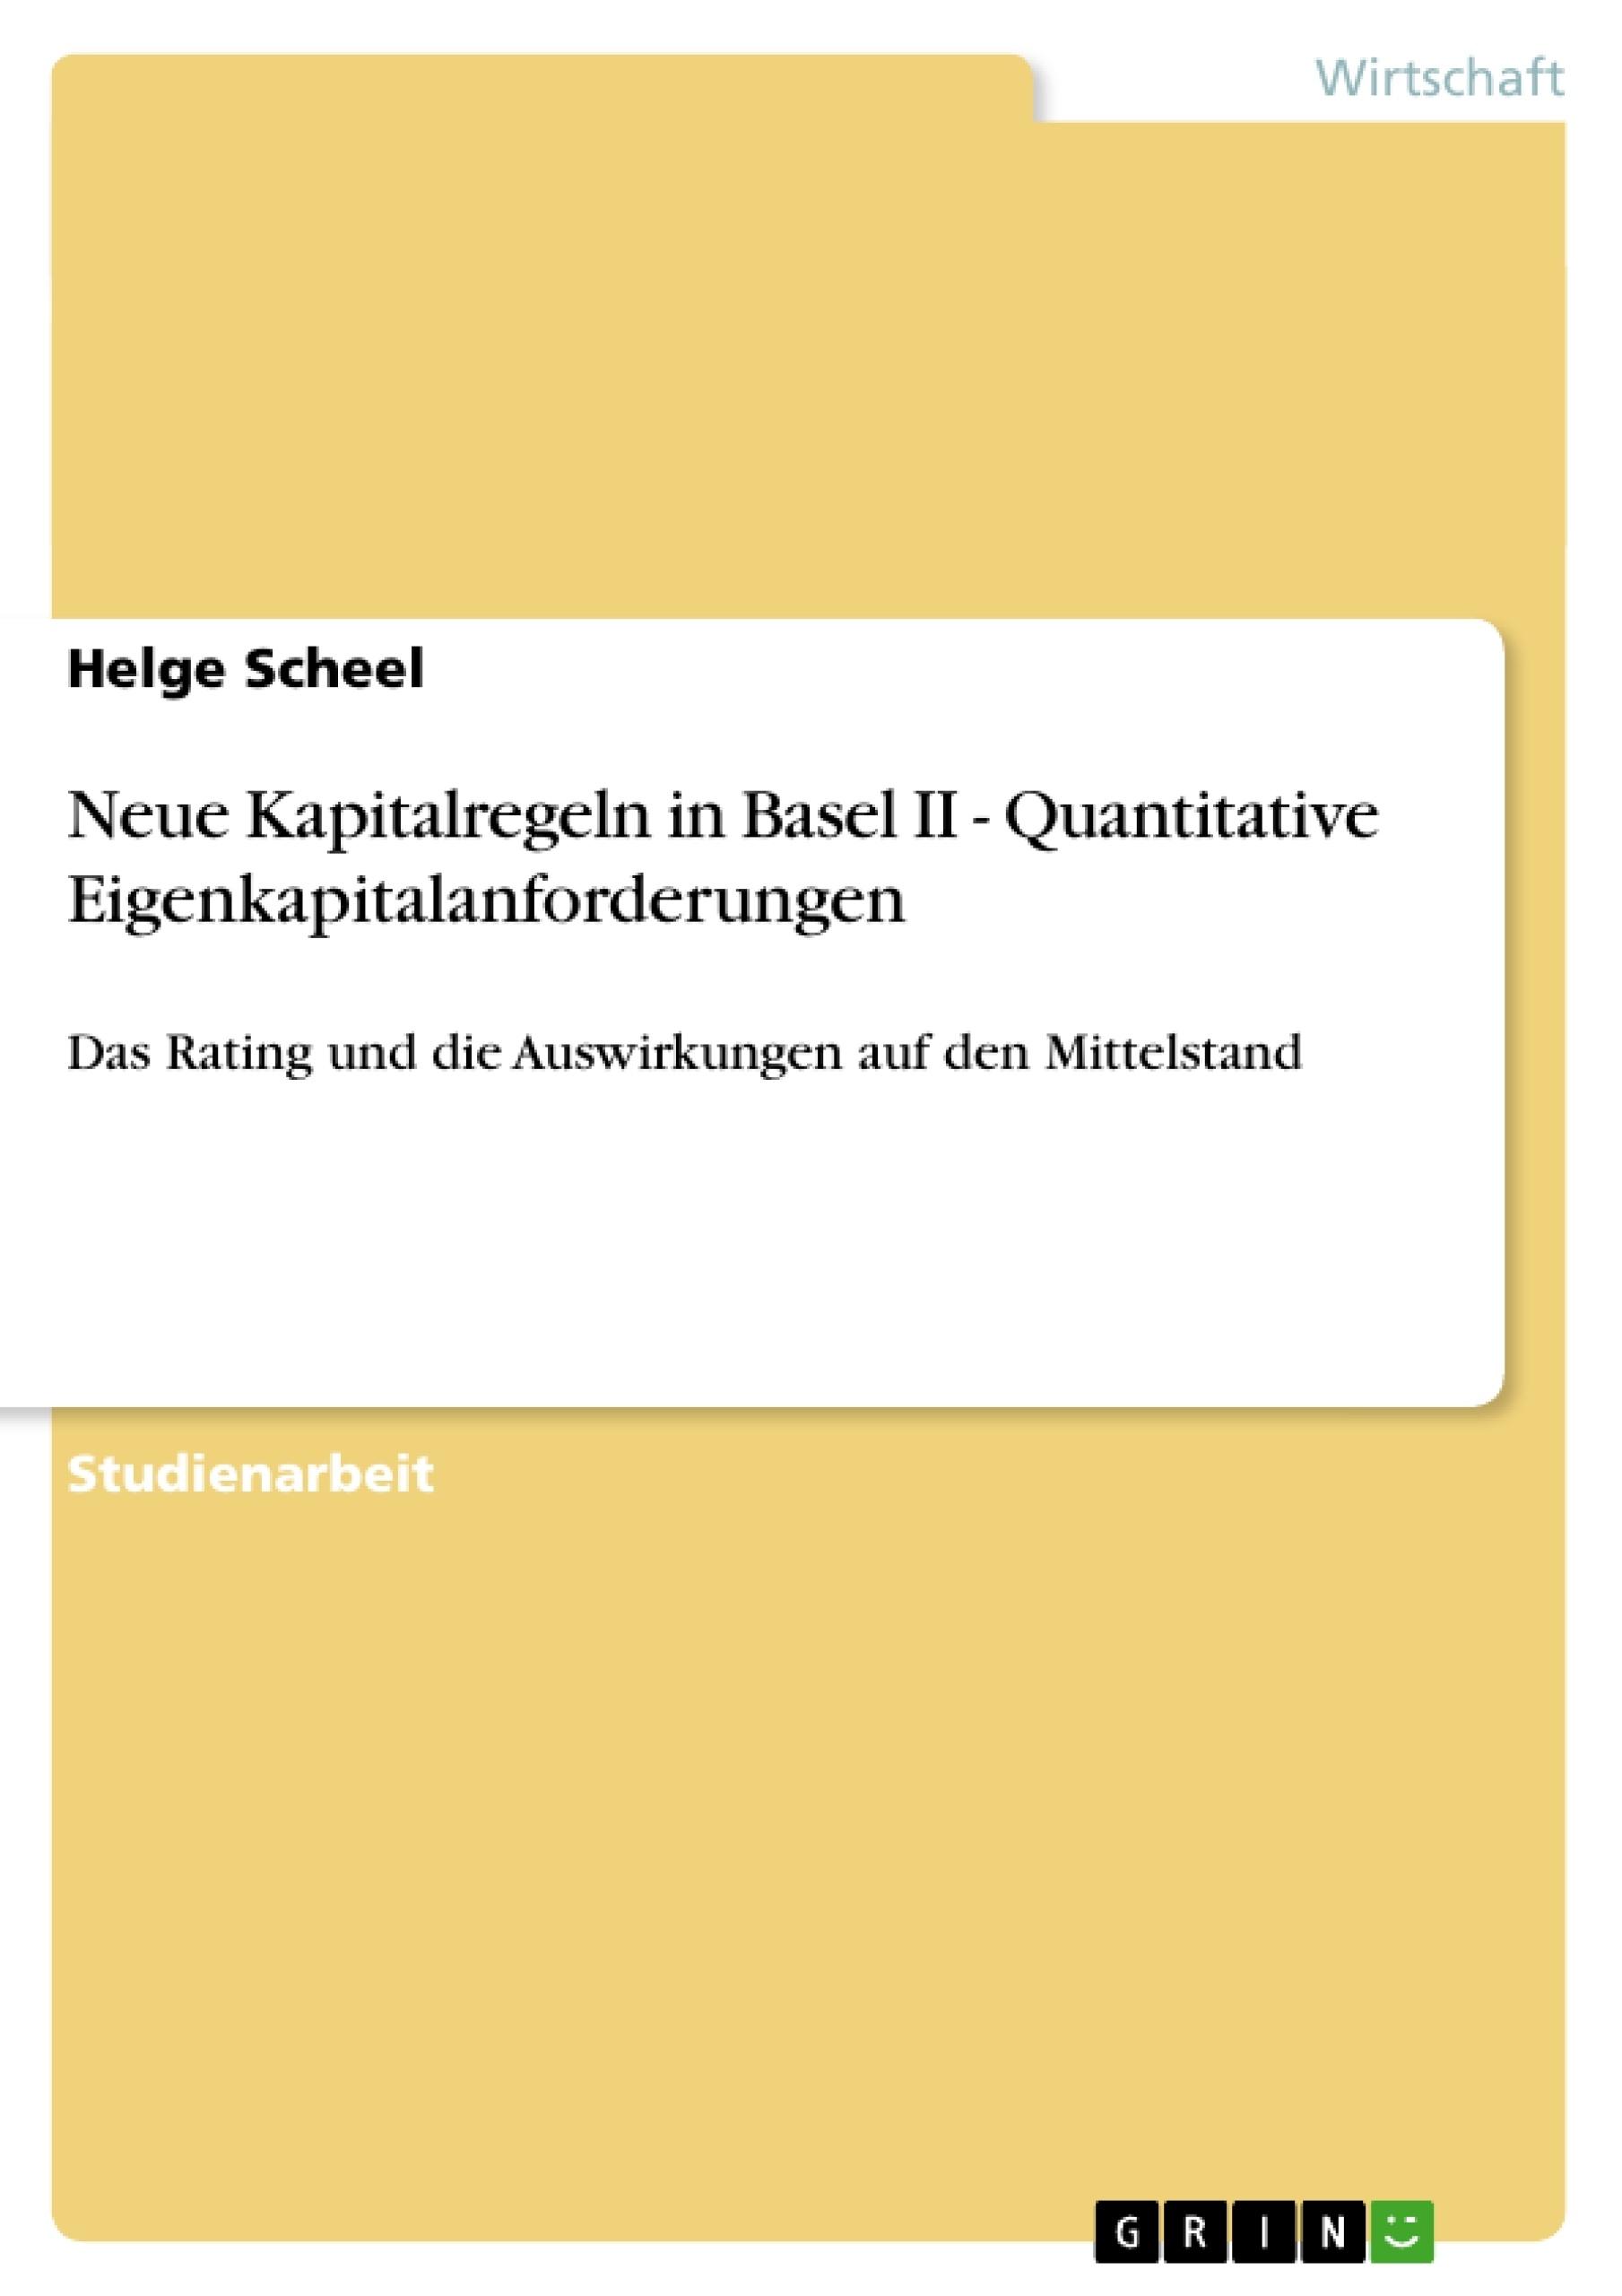 Titel: Neue Kapitalregeln in Basel II - Quantitative Eigenkapitalanforderungen